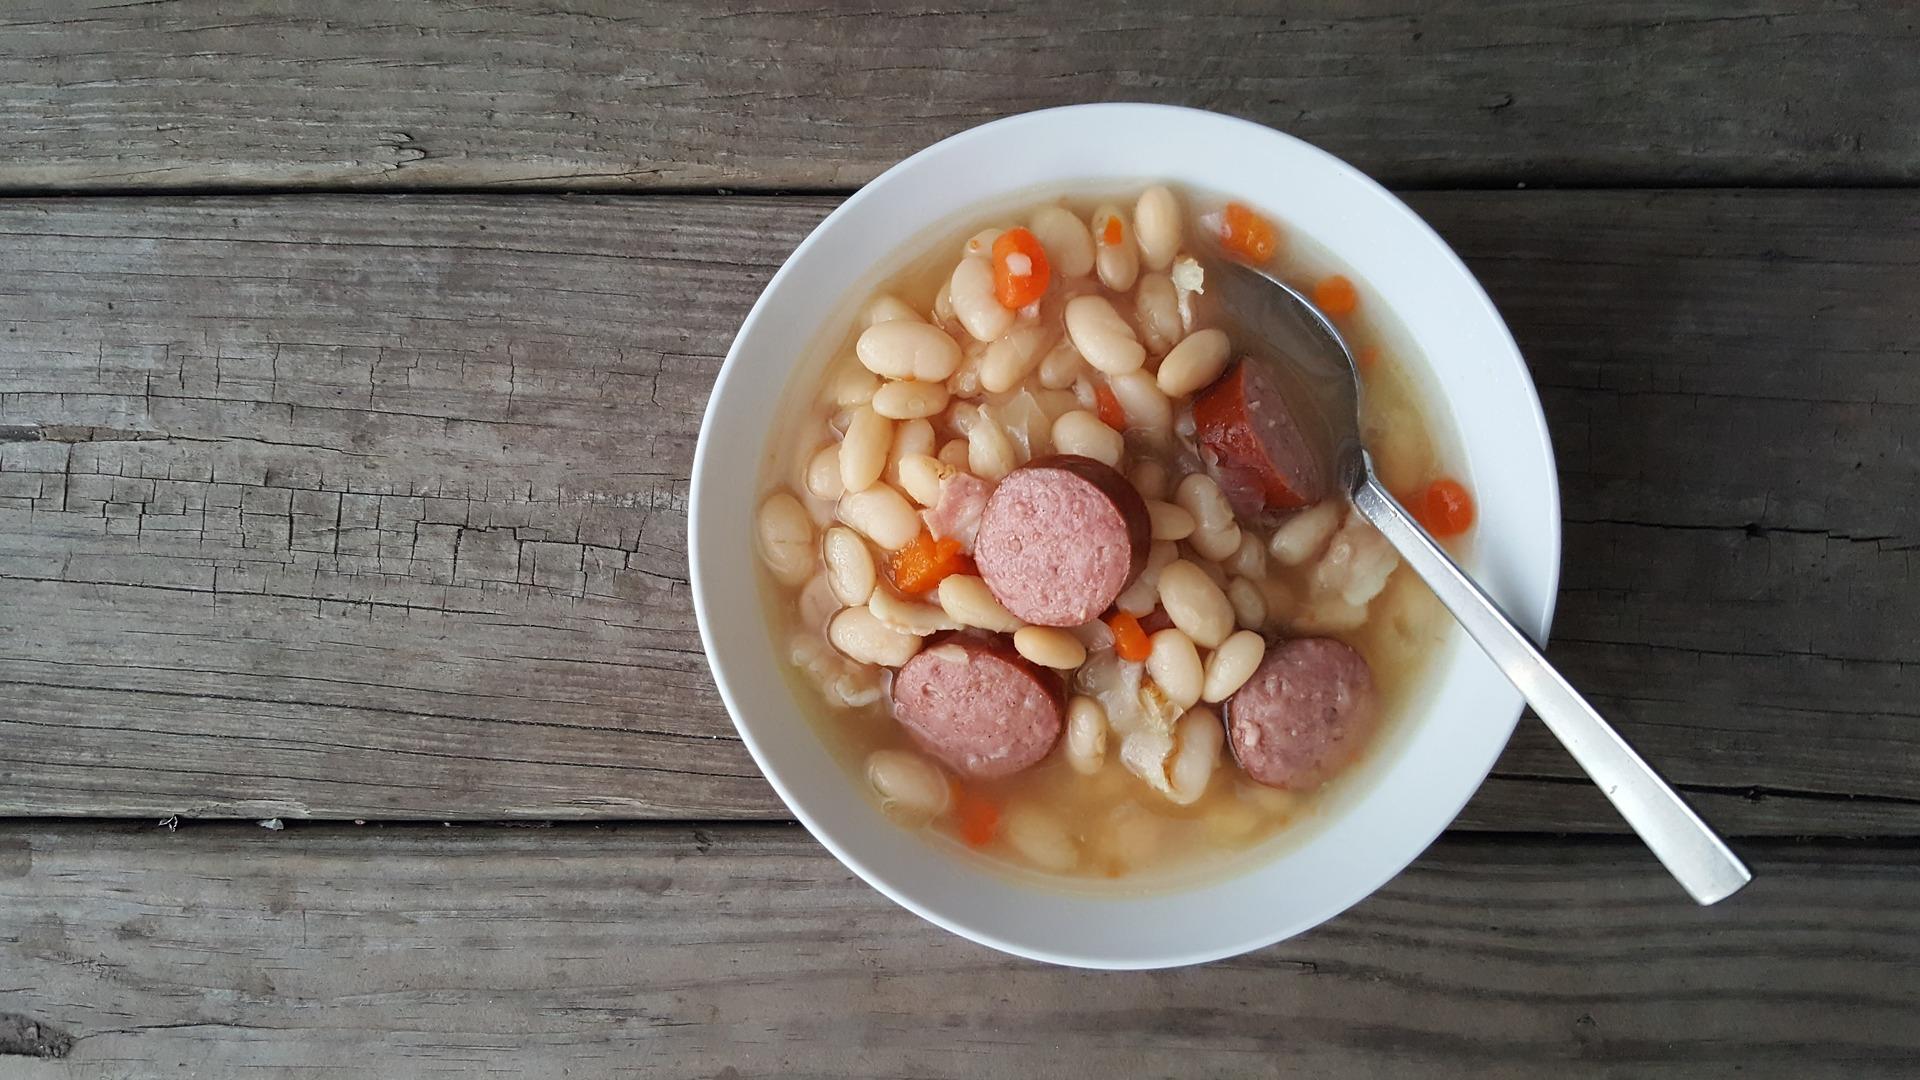 Recette du cassoulet, de la soupe à l'oignon et de la ratatouille